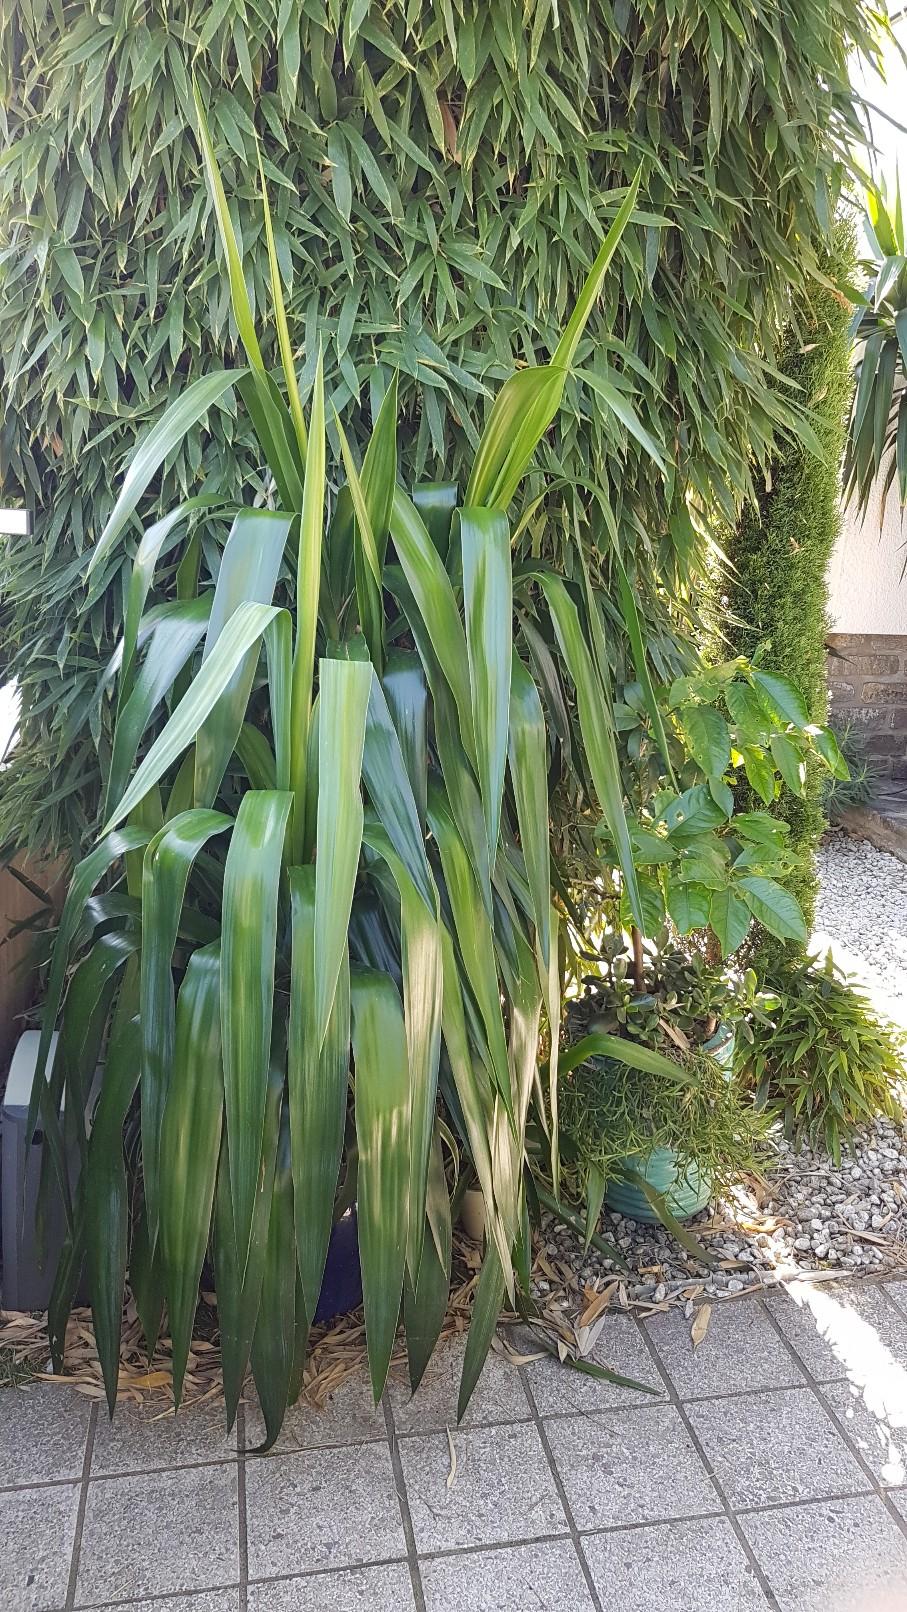 Rémi - Mon (tout) petit jardin en mode tropical - Page 9 20180940